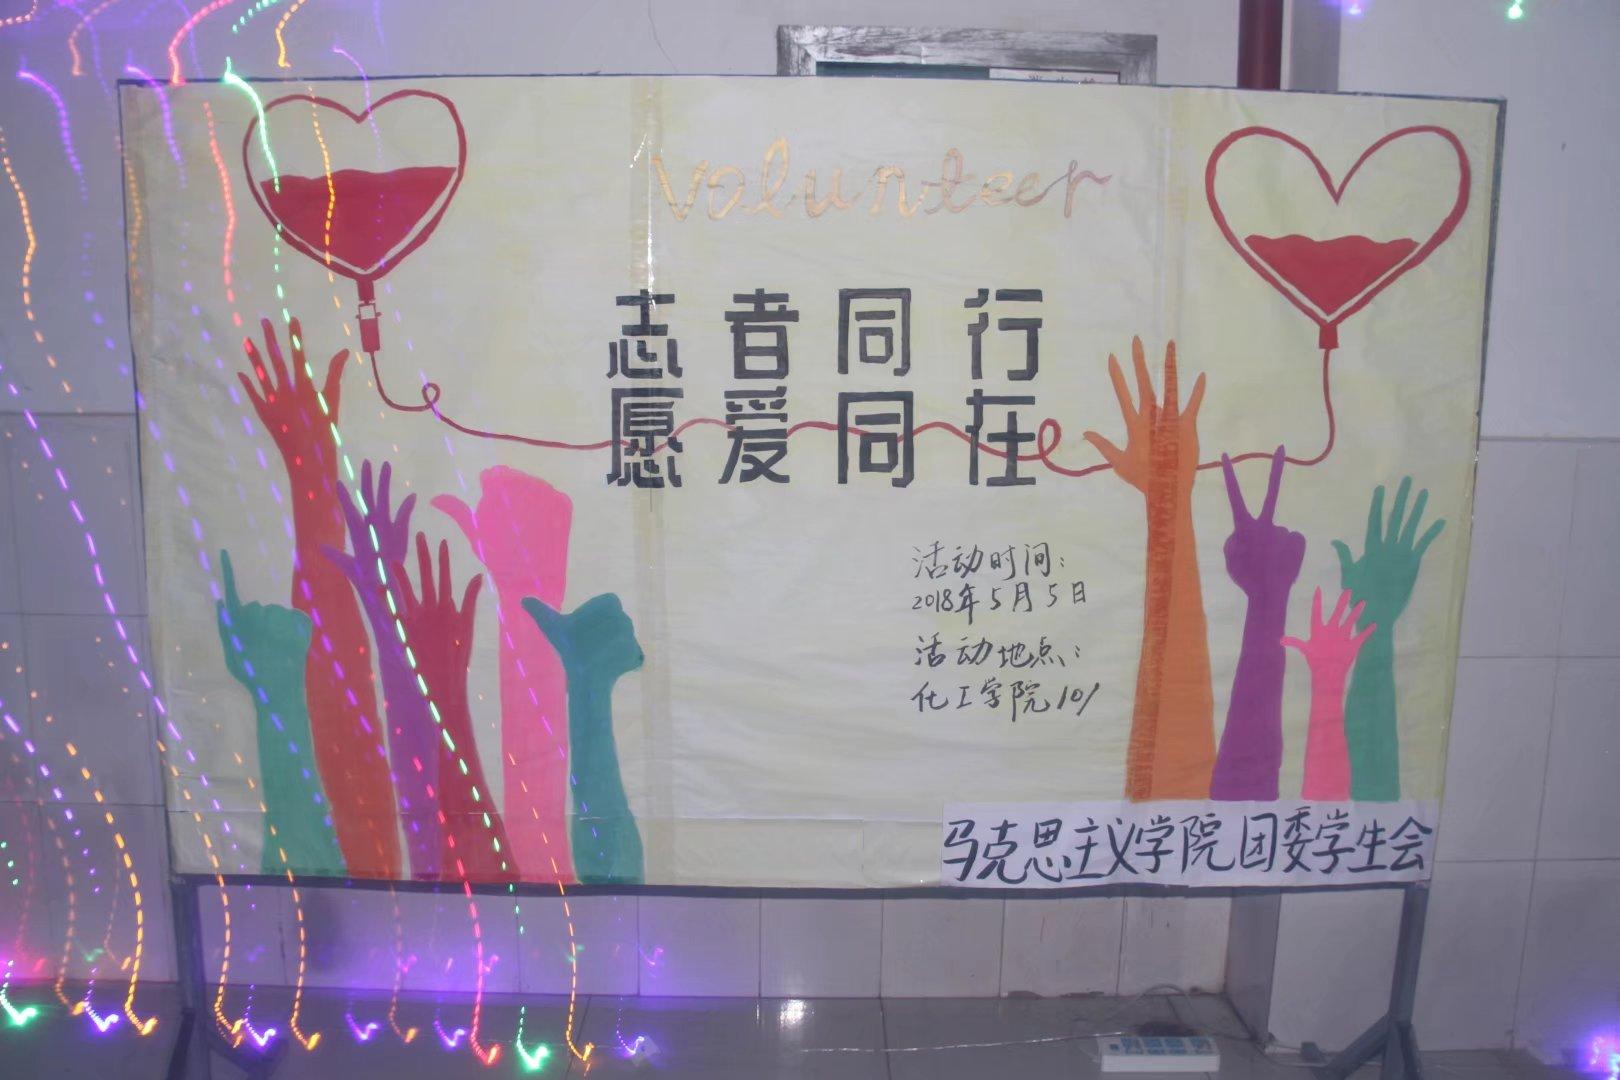 """马克思主义学院""""志者同行,愿爱同在""""志愿者表彰大会"""